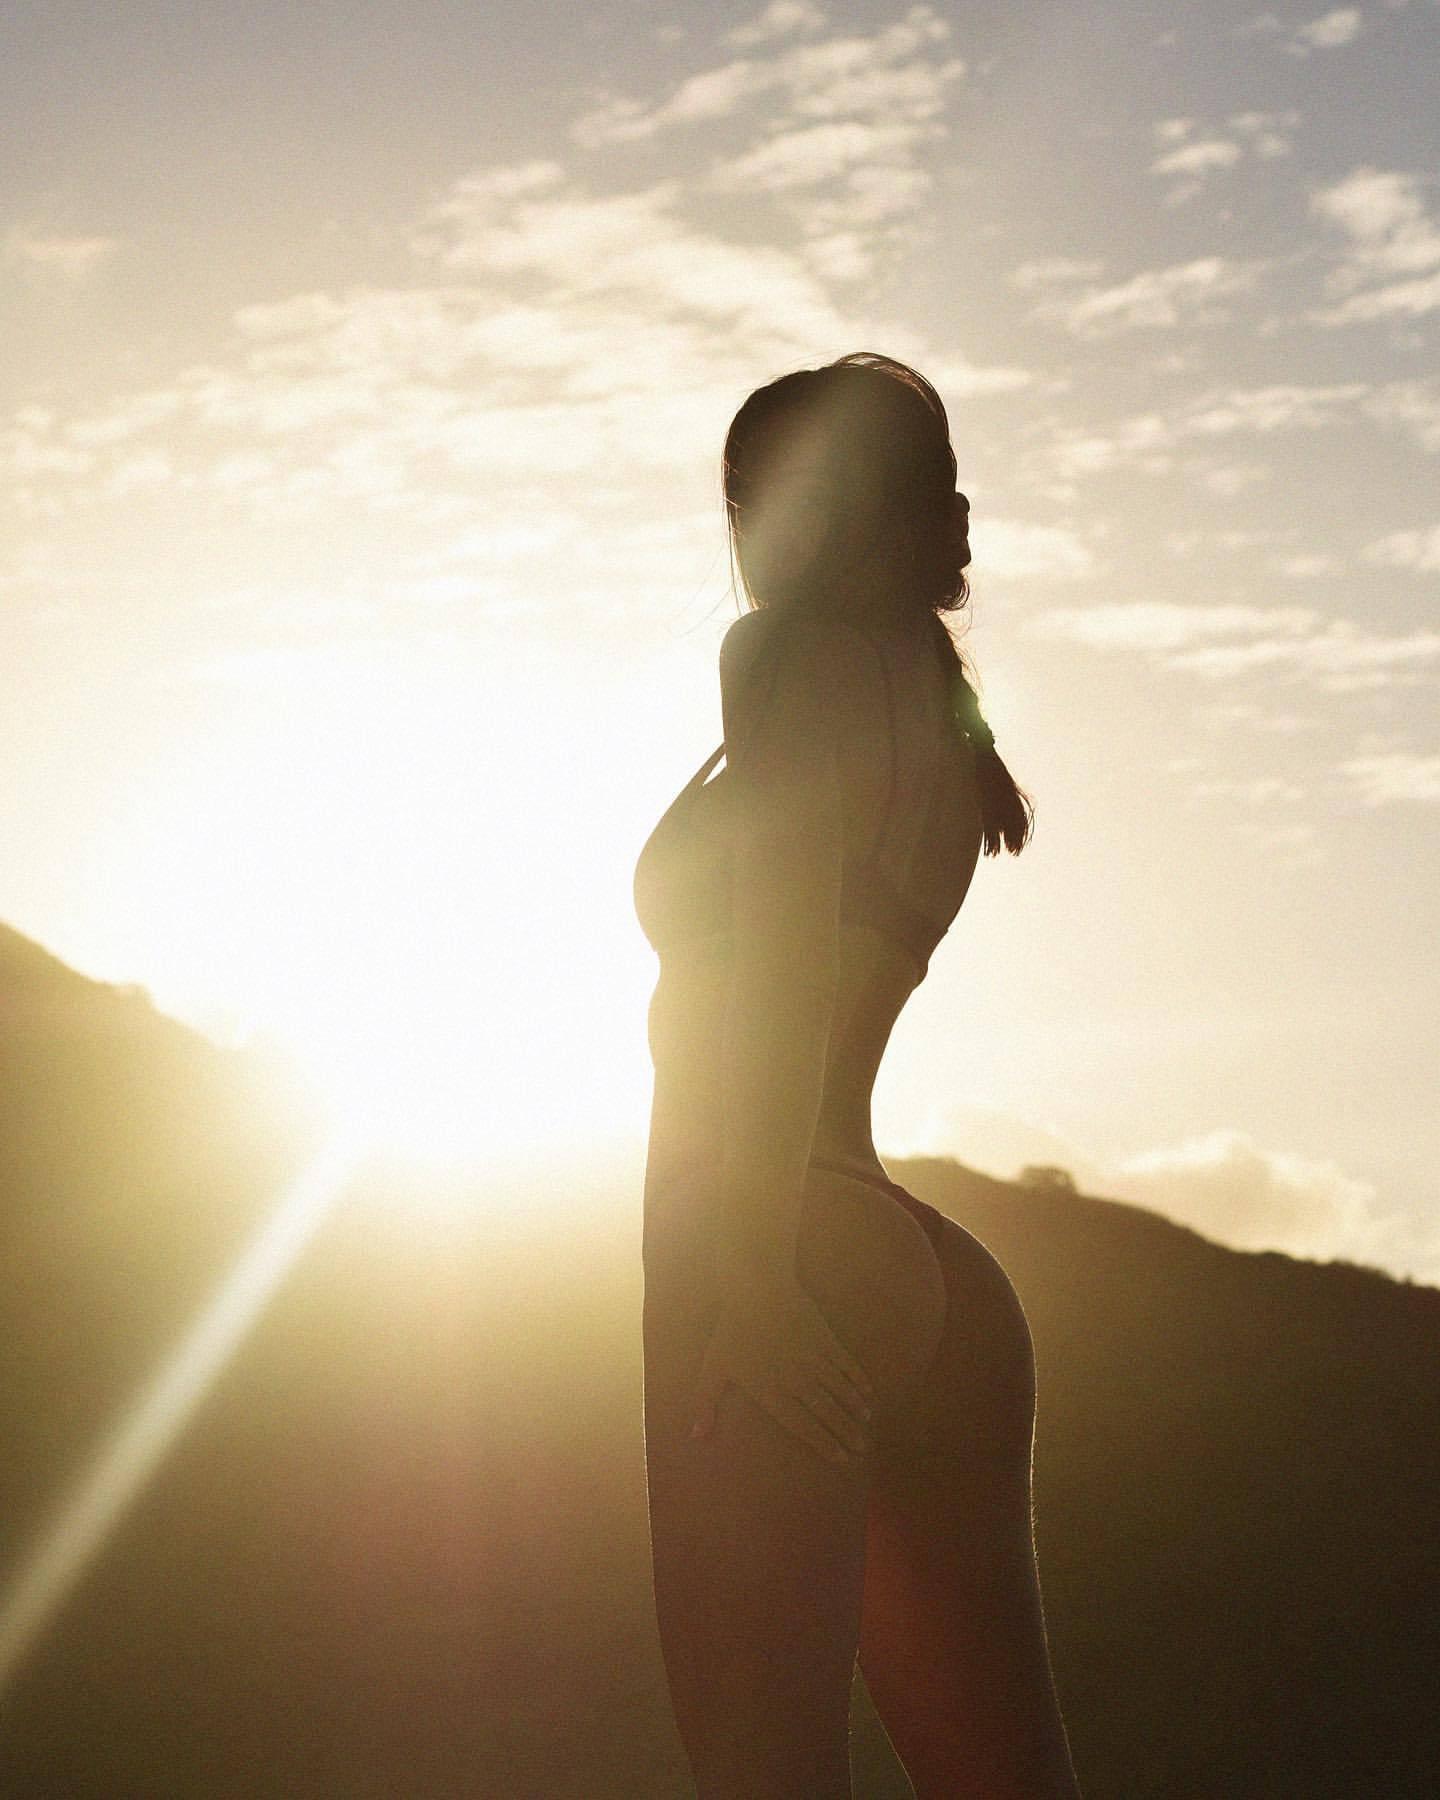 Alexis Ren Thong Bikini Photoshoot